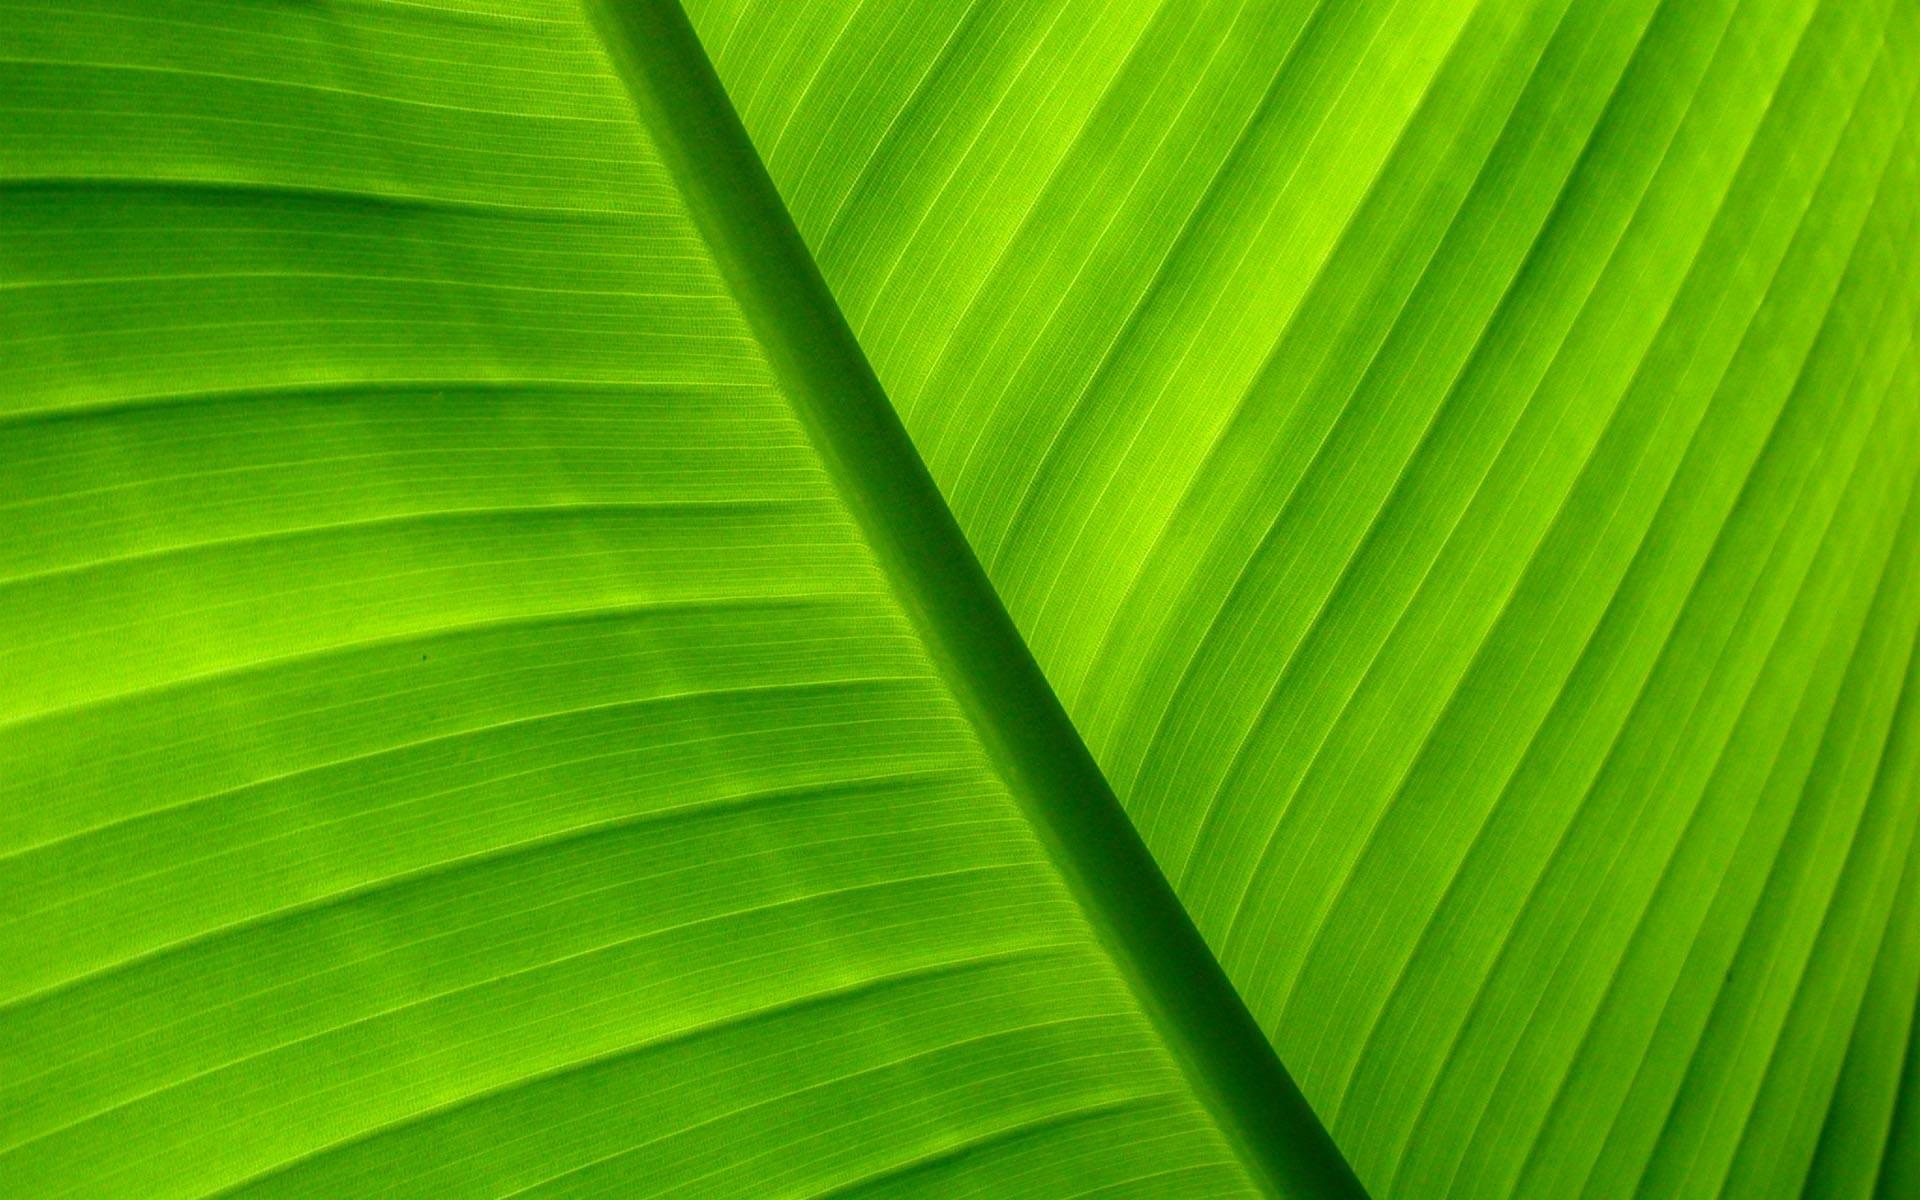 Leaf Wallpaper 1080p Hd Desktop Wallpapers 4k Hd